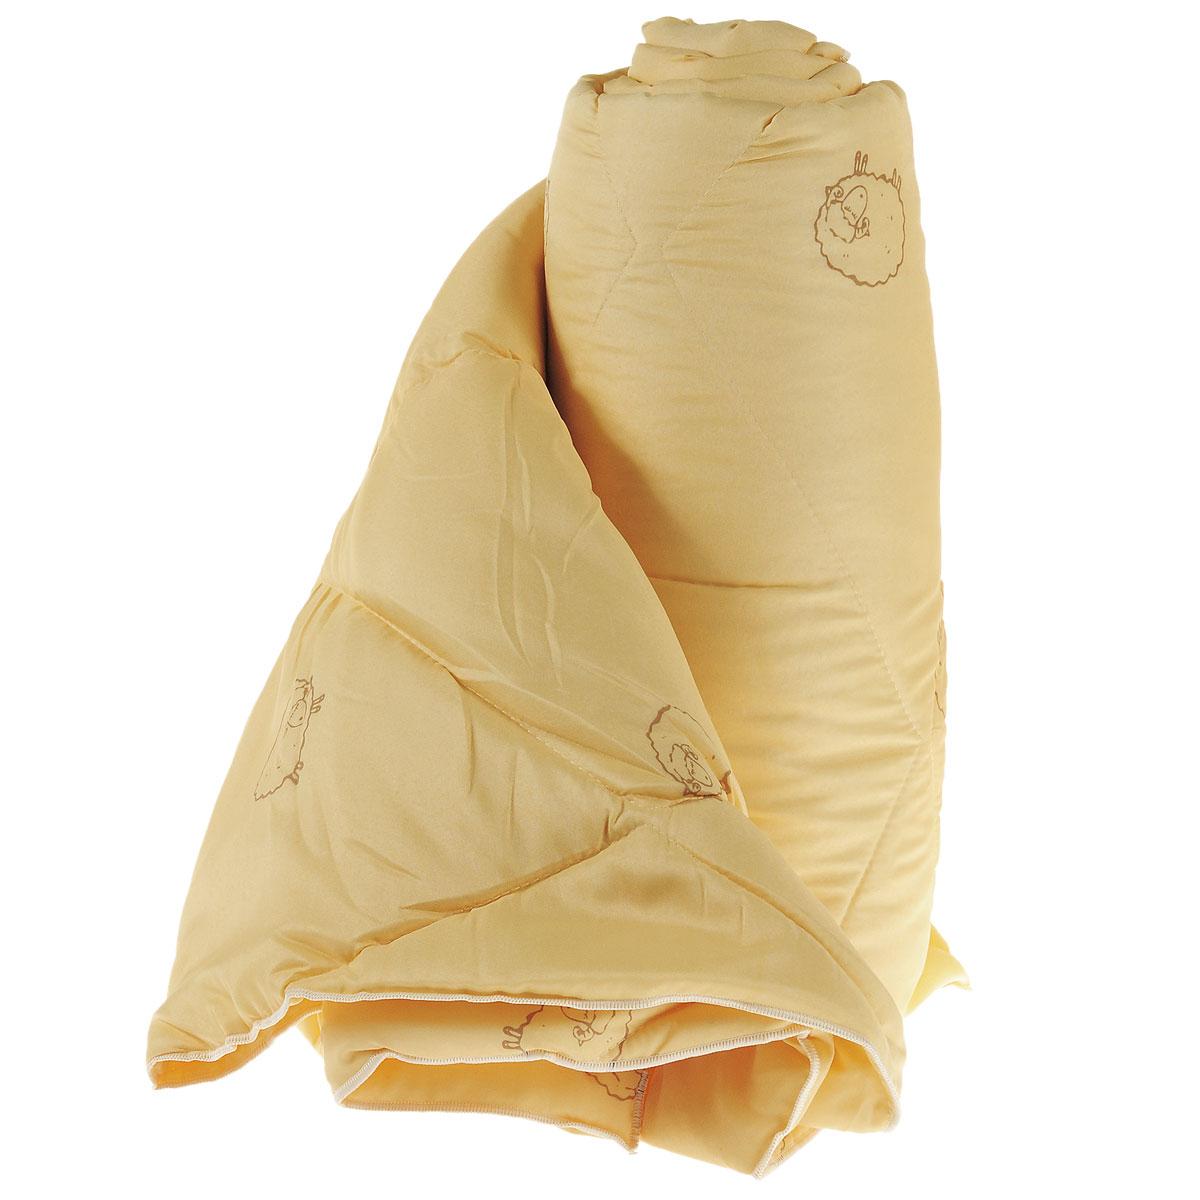 Одеяло Sleeper Находка, легкое, наполнитель: овечья шерсть, цвет: желтый, 140 x 200 см22(33)323Легкое одеяло Sleeper Находка с наполнителем - овечьей шерстью, со стежкой, не оставит равнодушными тех, кто ценит здоровье и красоту. Изысканный цвет чехла отвечает современным европейским тенденциям, а наполнитель из овечьей шерсти придает изделию мягкость, упругость и повышенные теплозащитные свойства.Ткань чехла изготовлена из микрофибры - мягкого, приятного на ощупь материала.Материал чехла: микрофибра (100% полиэстер). Материал наполнителя: овечья шерсть. Масса наполнителя: 200 г/м2.